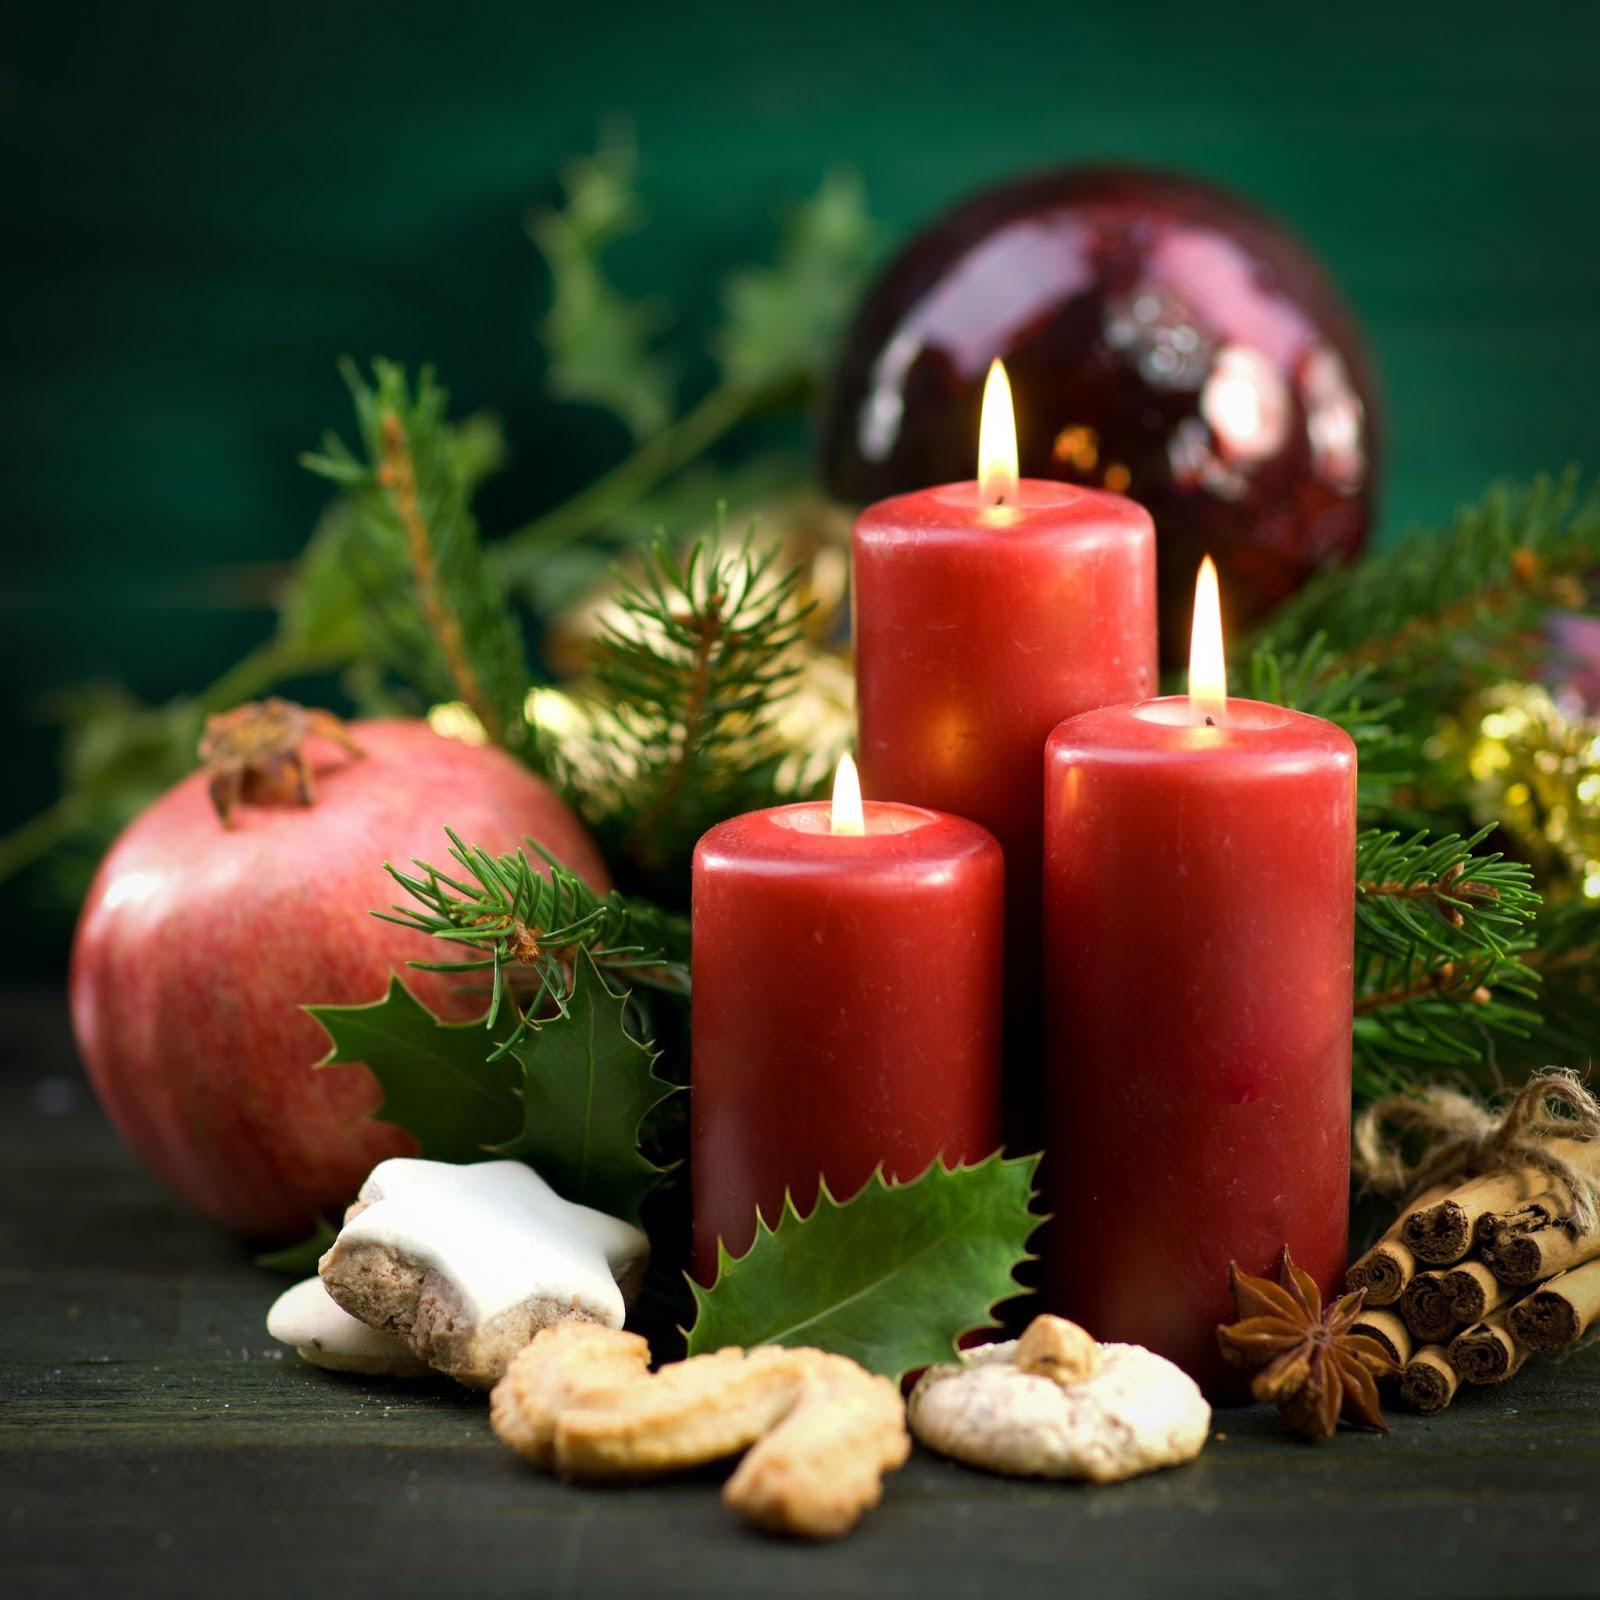 Hermosas im genes para navidad y a o nuevo 2013 fotos e - Adornos navidenos con velas ...